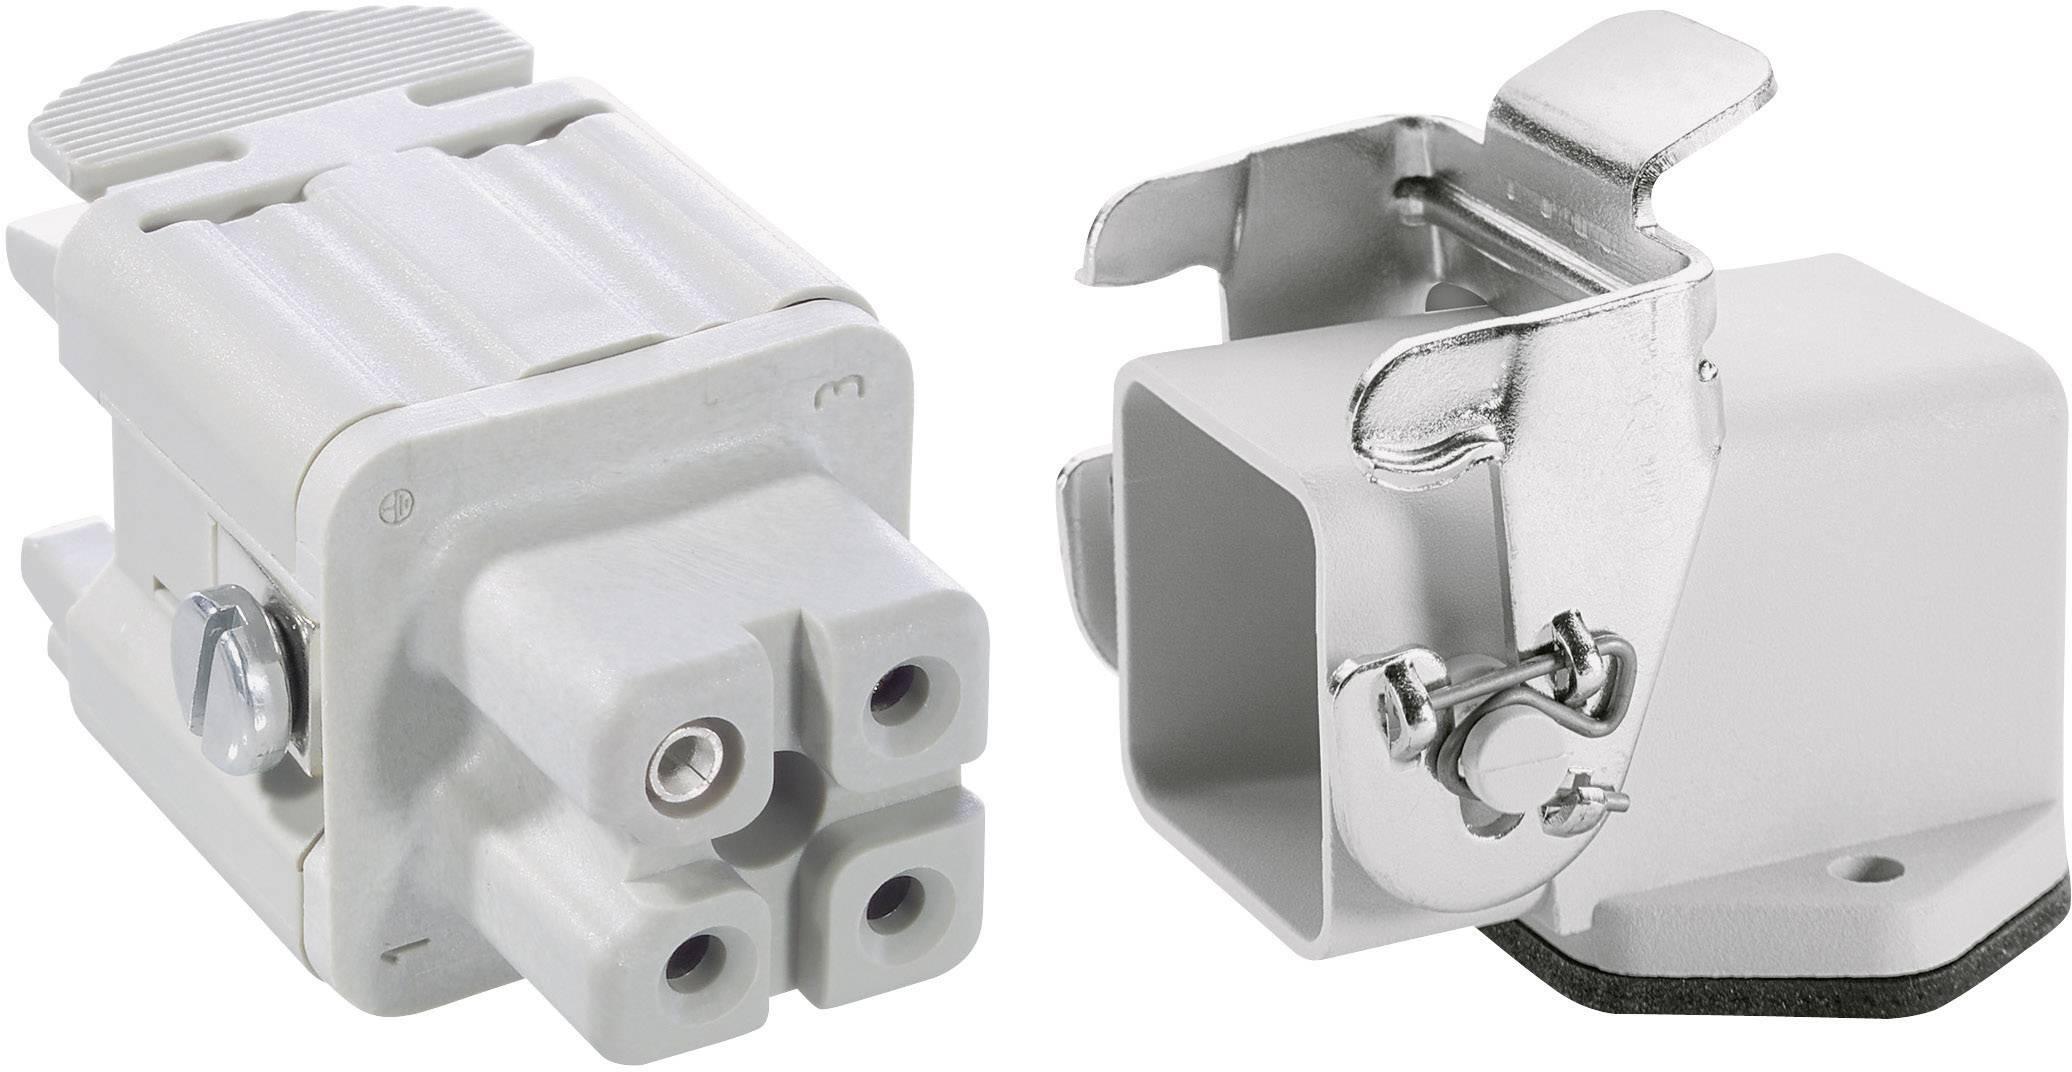 Sada konektorů EPIC®KIT H-A 3 75009607 LAPP 3 + PE šroubovací 1 sada